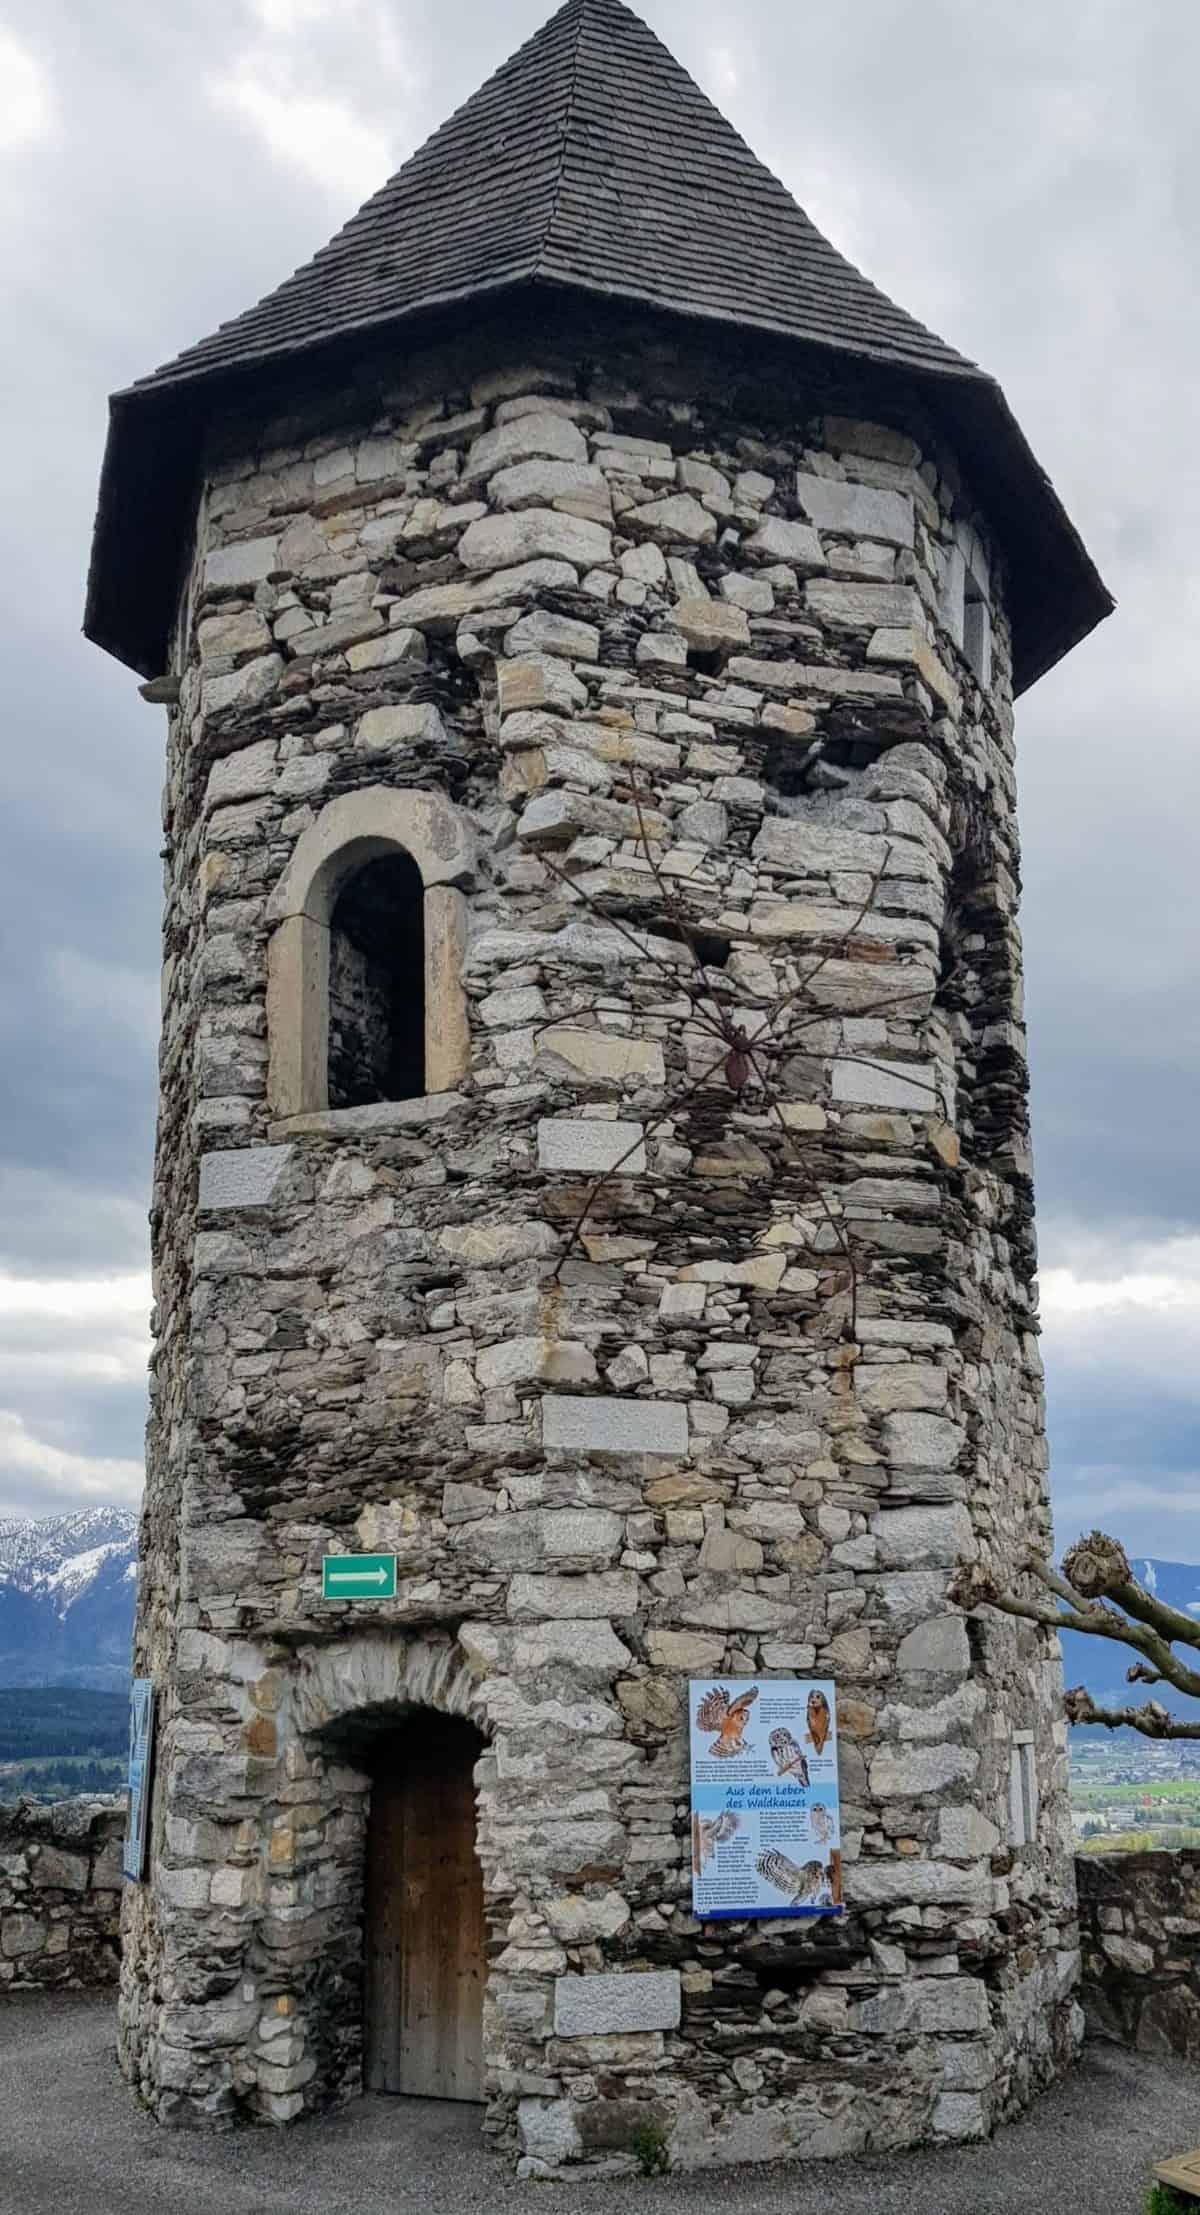 Burgruine Landskron bei Villach - Sehenswürdigkeit in Kärnten